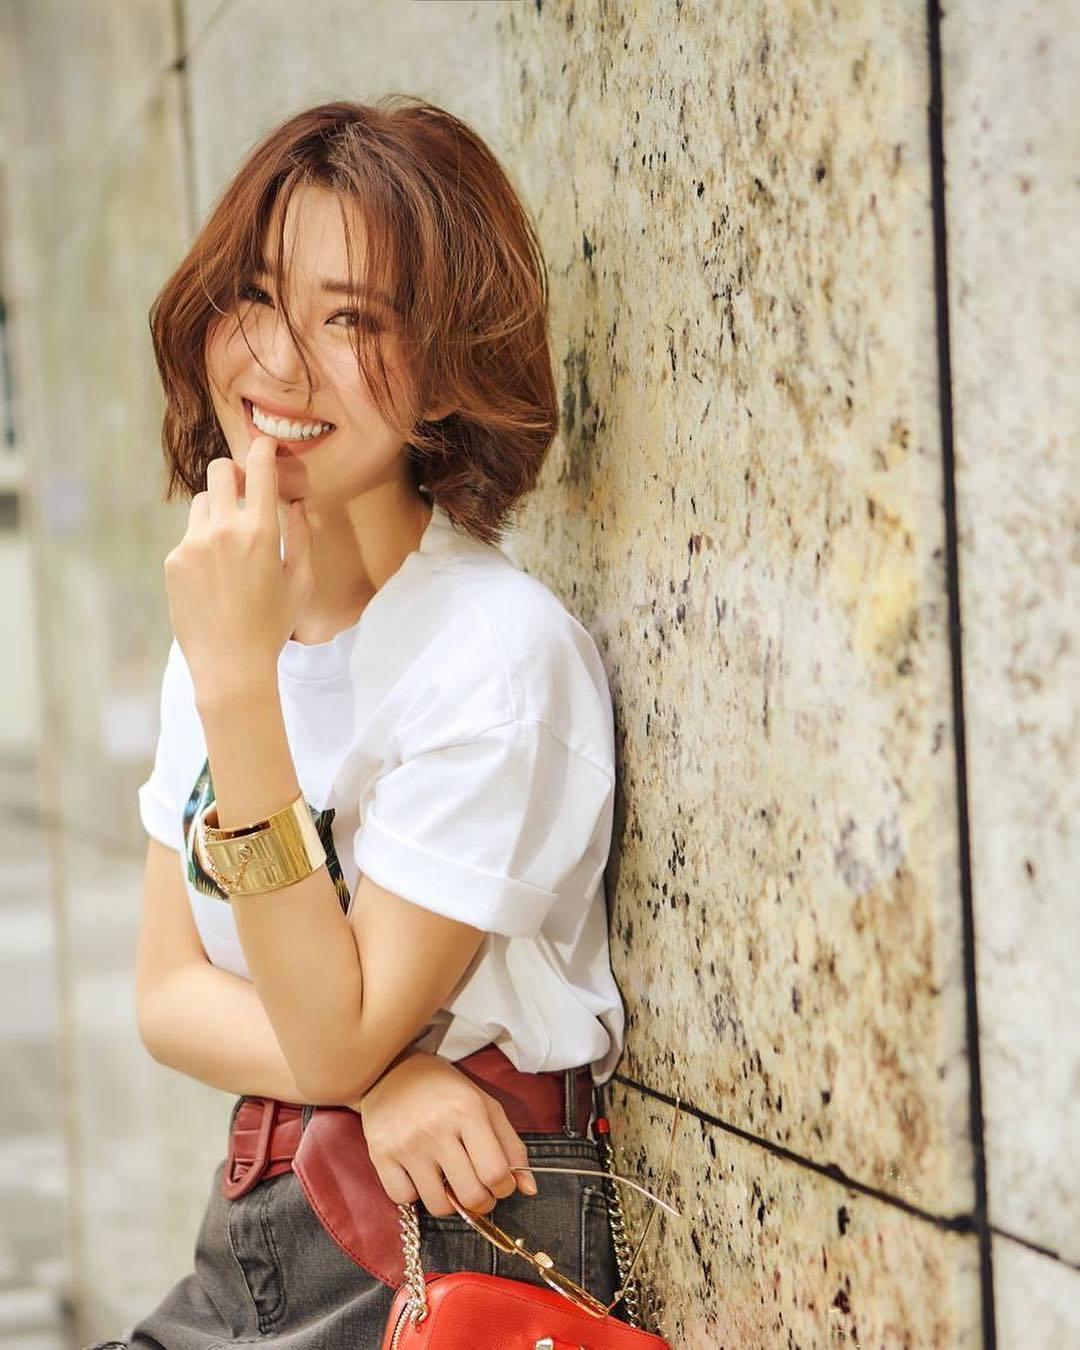 Trường Giang khoe rất hạnh phúc với Nhã Phương sau 1 tháng kết hôn